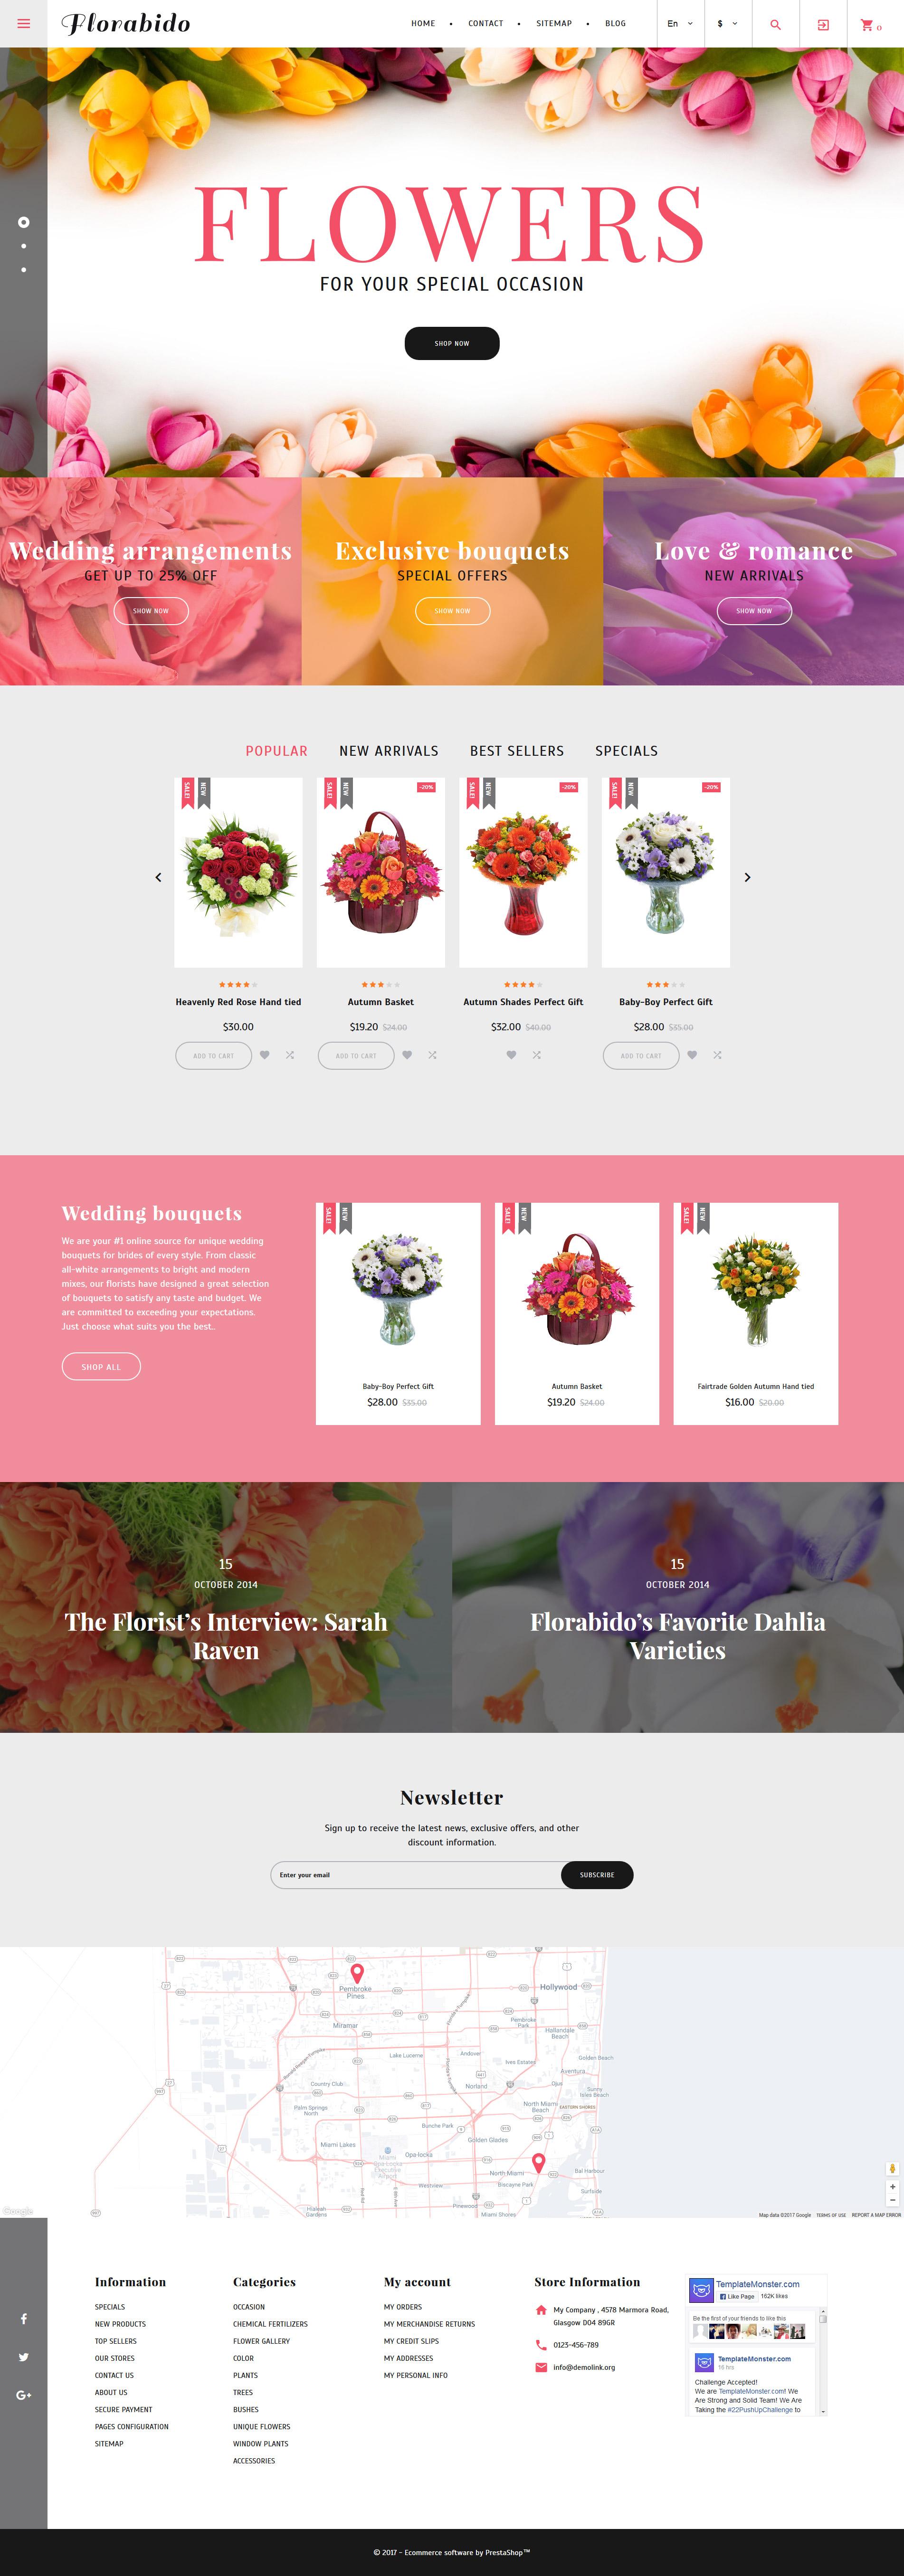 Florabido - Bouquets & Floral Arrangement №62258